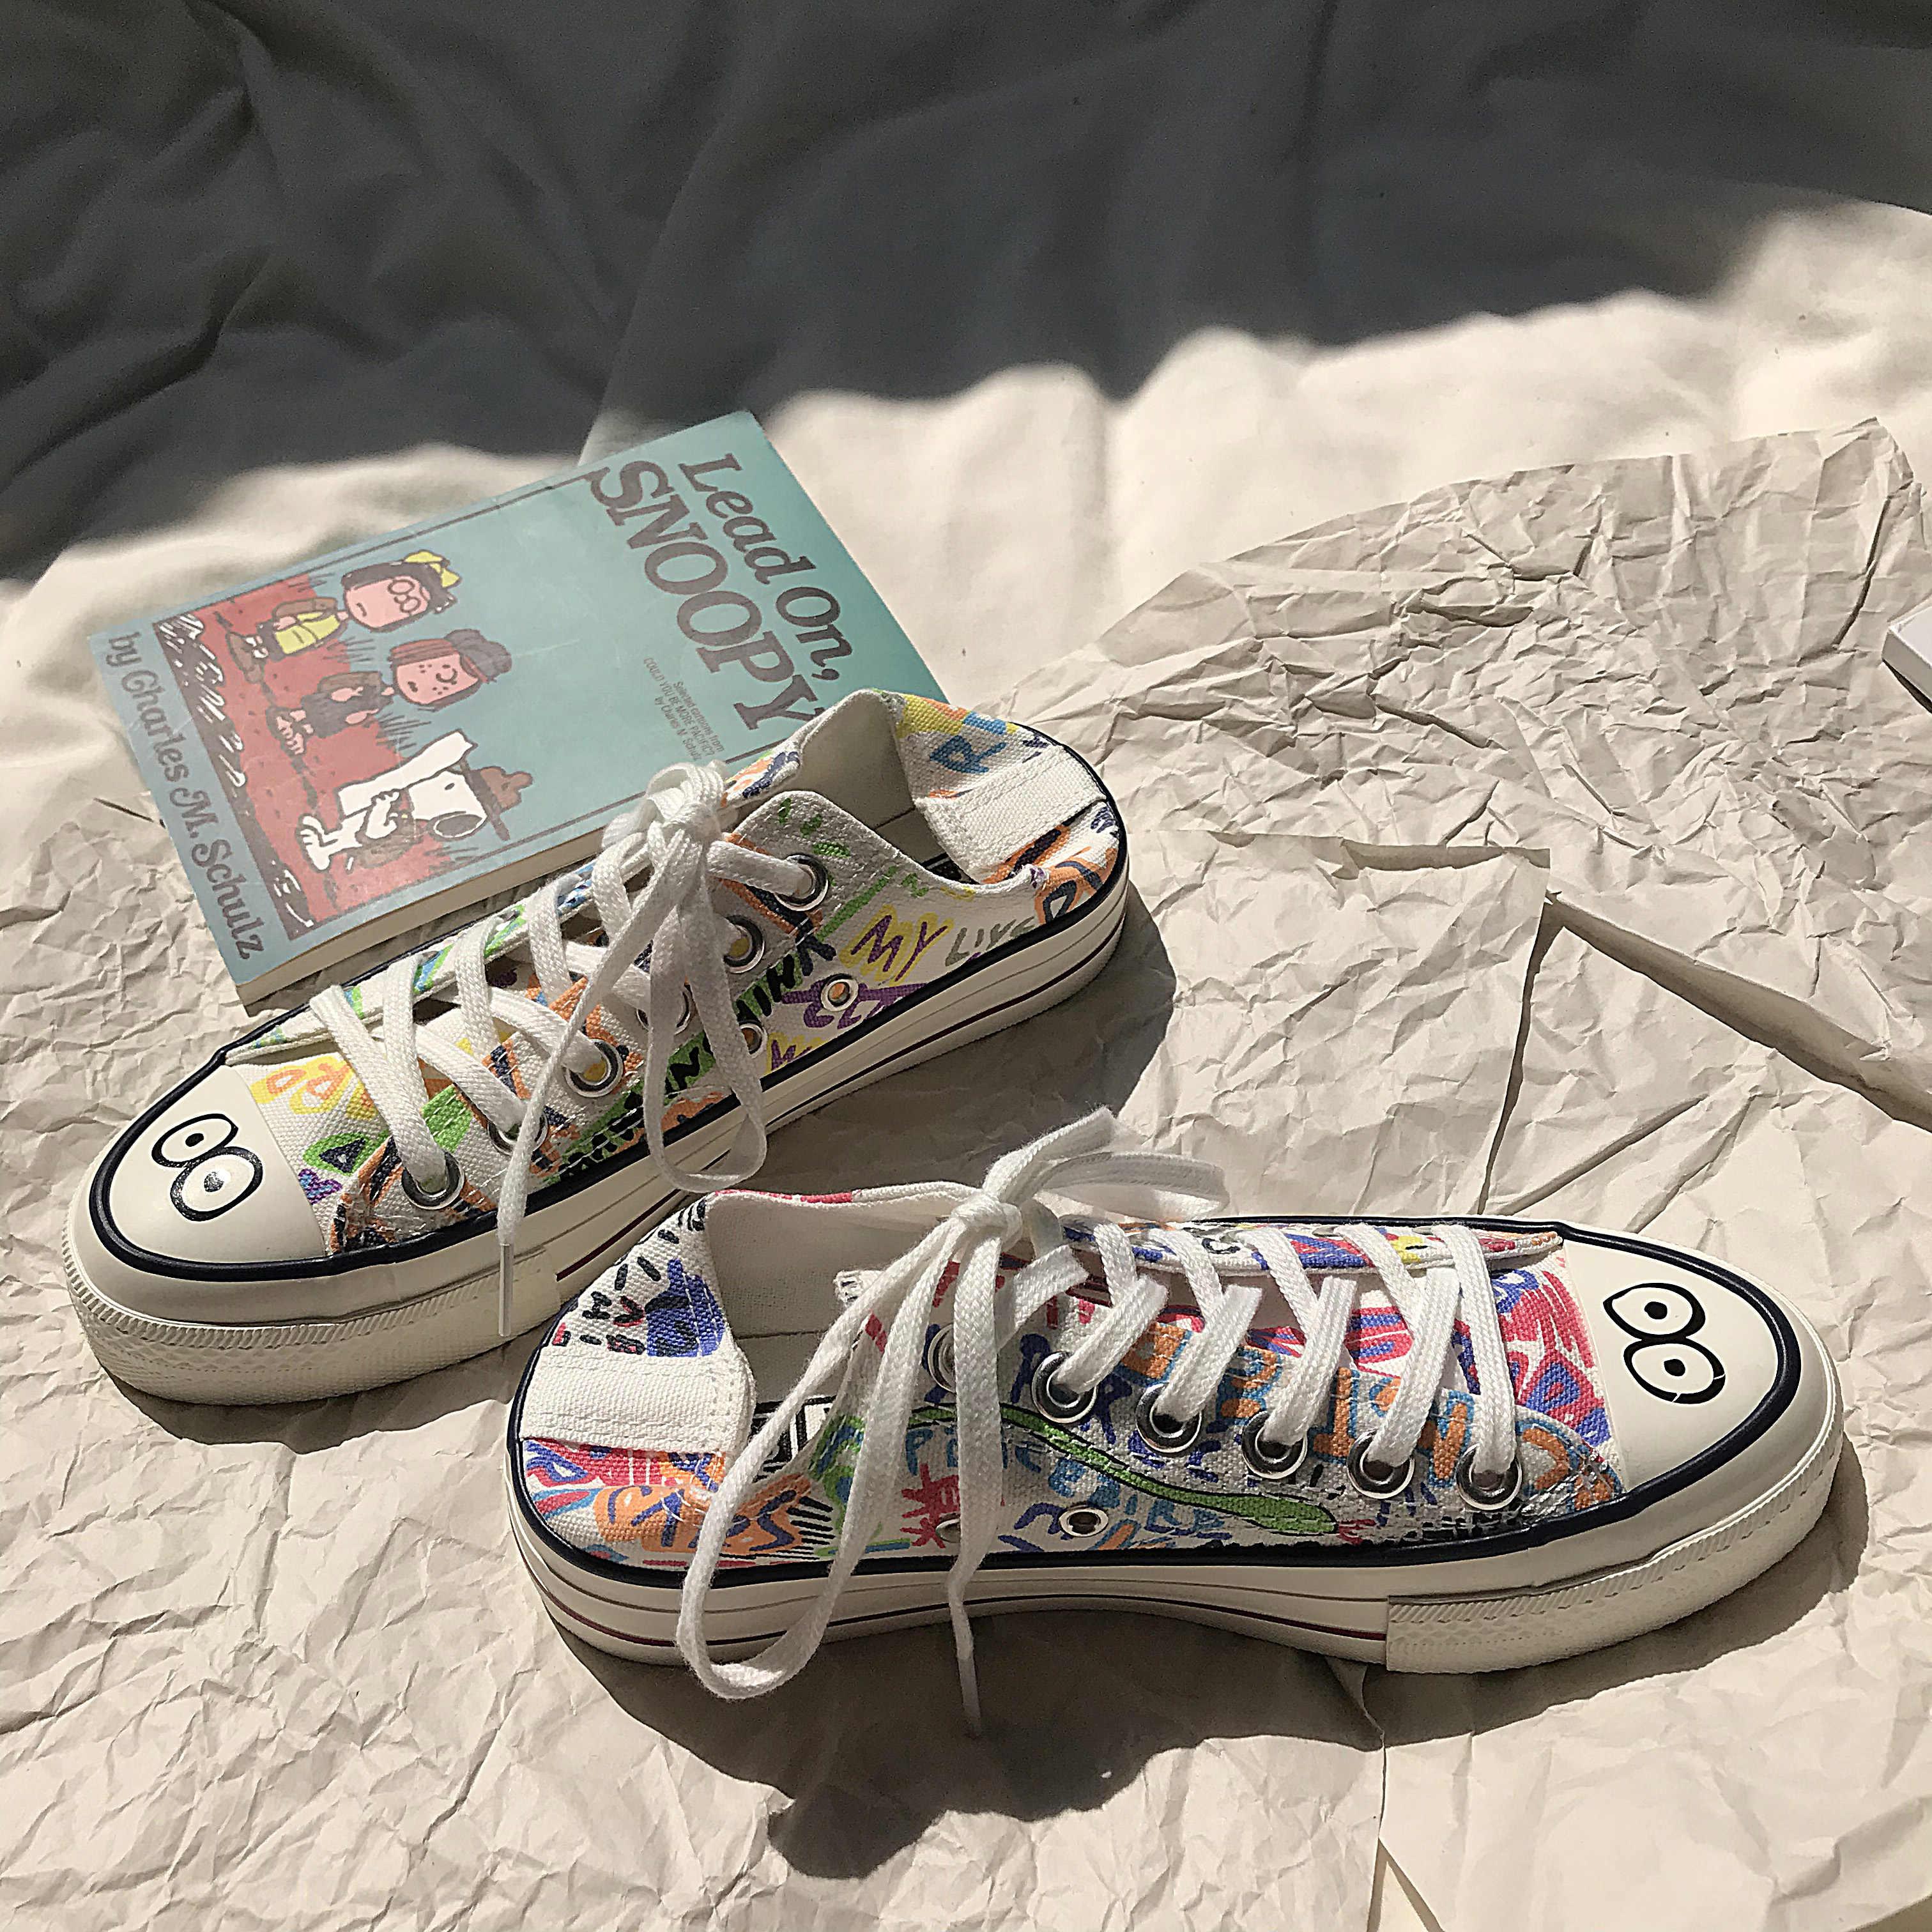 Dành Cho Nữ Tay In Hình Giày Thể Thao Thông Thường Xu Hướng Bé Gái Giày 2020 Hàng Mới Về Phẳng Nữ Graffiti Giày